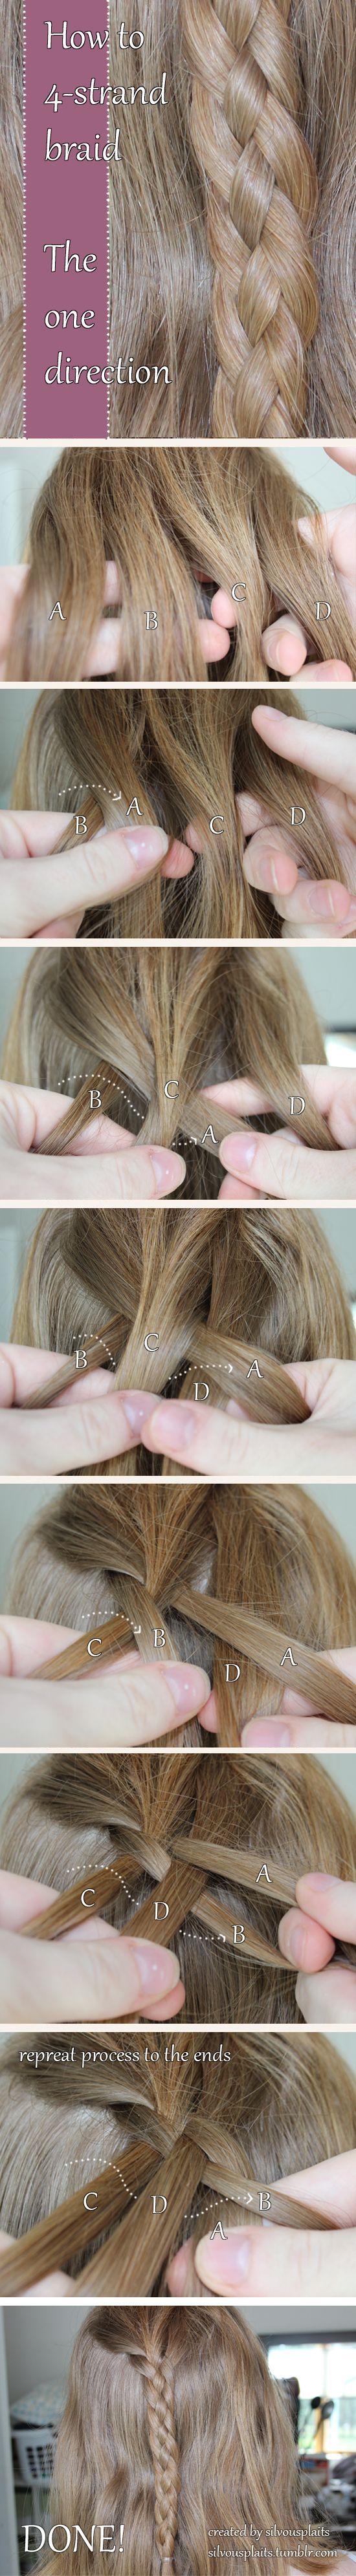 How to do a 4-strand braid